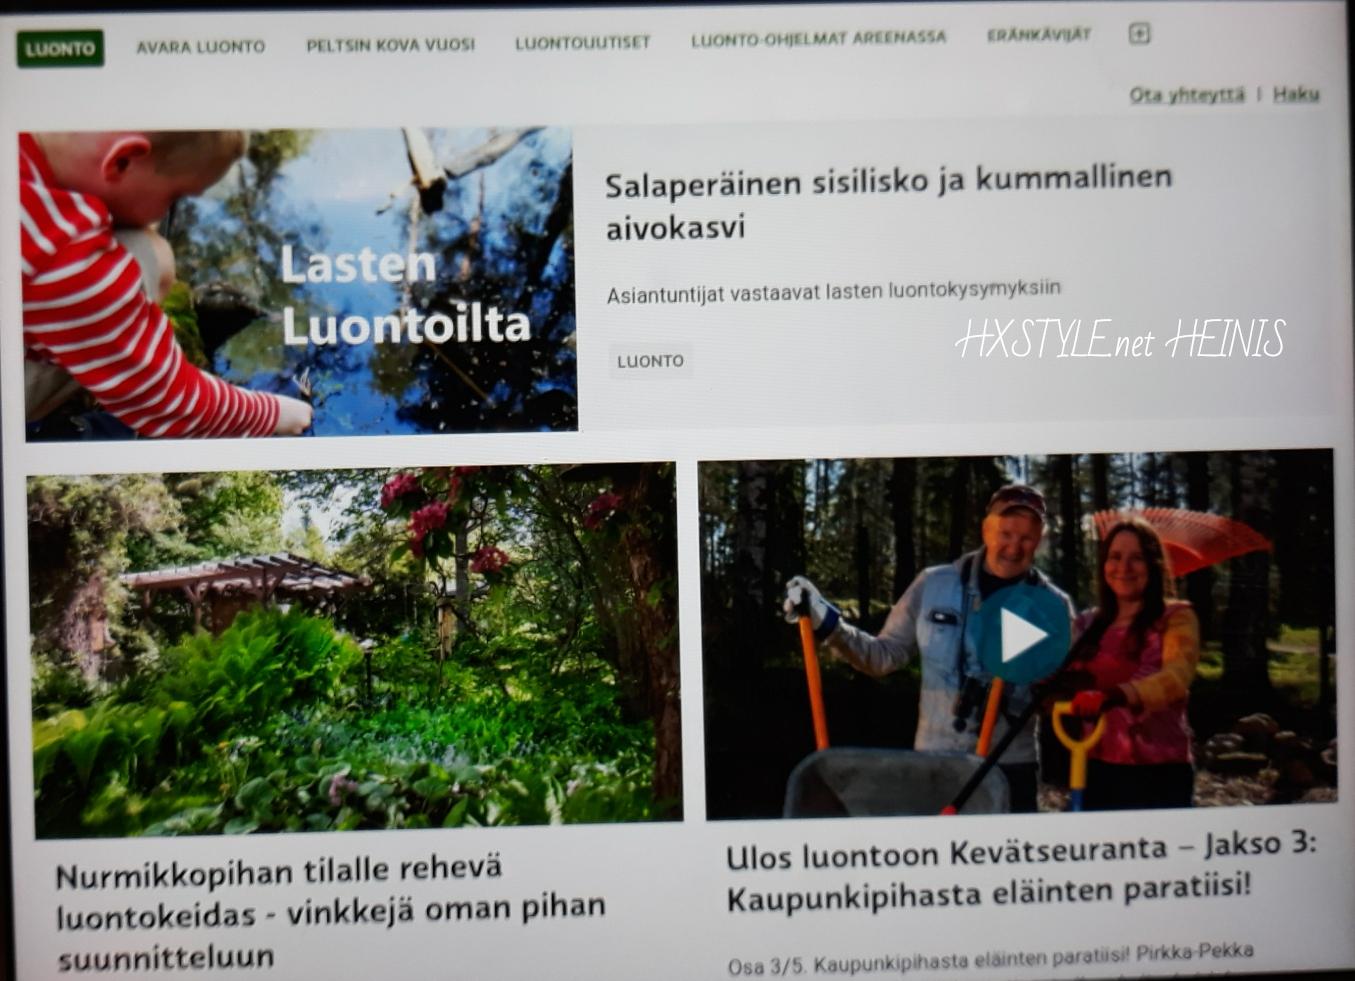 LUONTO&ELÄIMET. 2 – 3/5 YLE TV1 ULOS LUONTOON KEVÄT SEURANTA…2. Ja 3. Jakso, SIIVOTAAN RANNAT ja KAUPUNKIPIHASTA PARATIISIKSI. 16.5.2018 Elämäntapa&Suosikki. Suosittu. HXSTYLE.net HEINIS